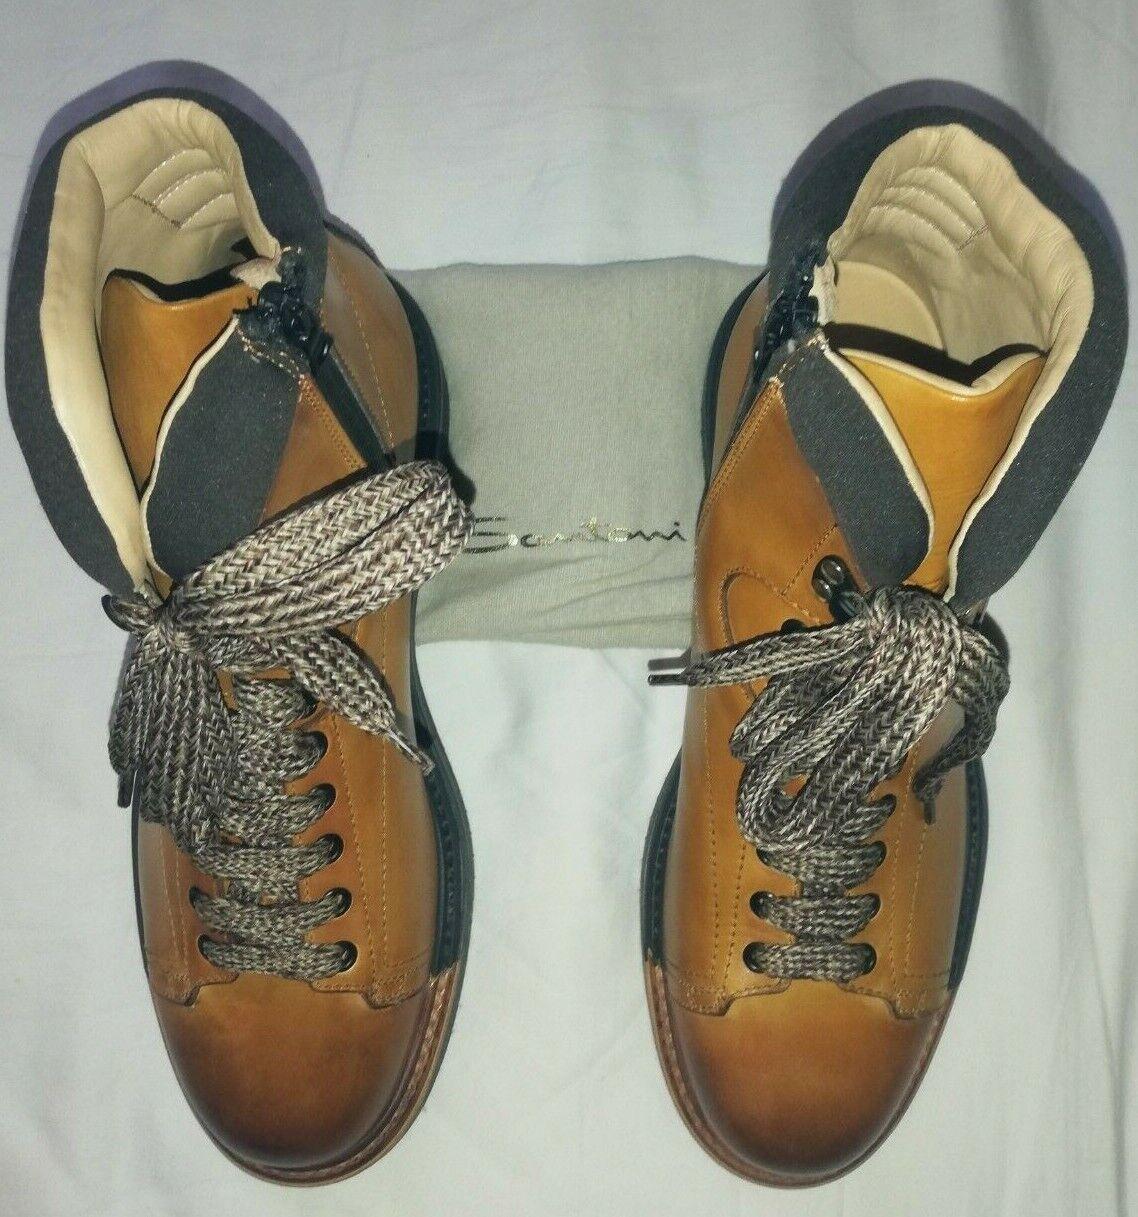 Santoni Homme Bottes, taille 8.5 neuf beige marron... rare...